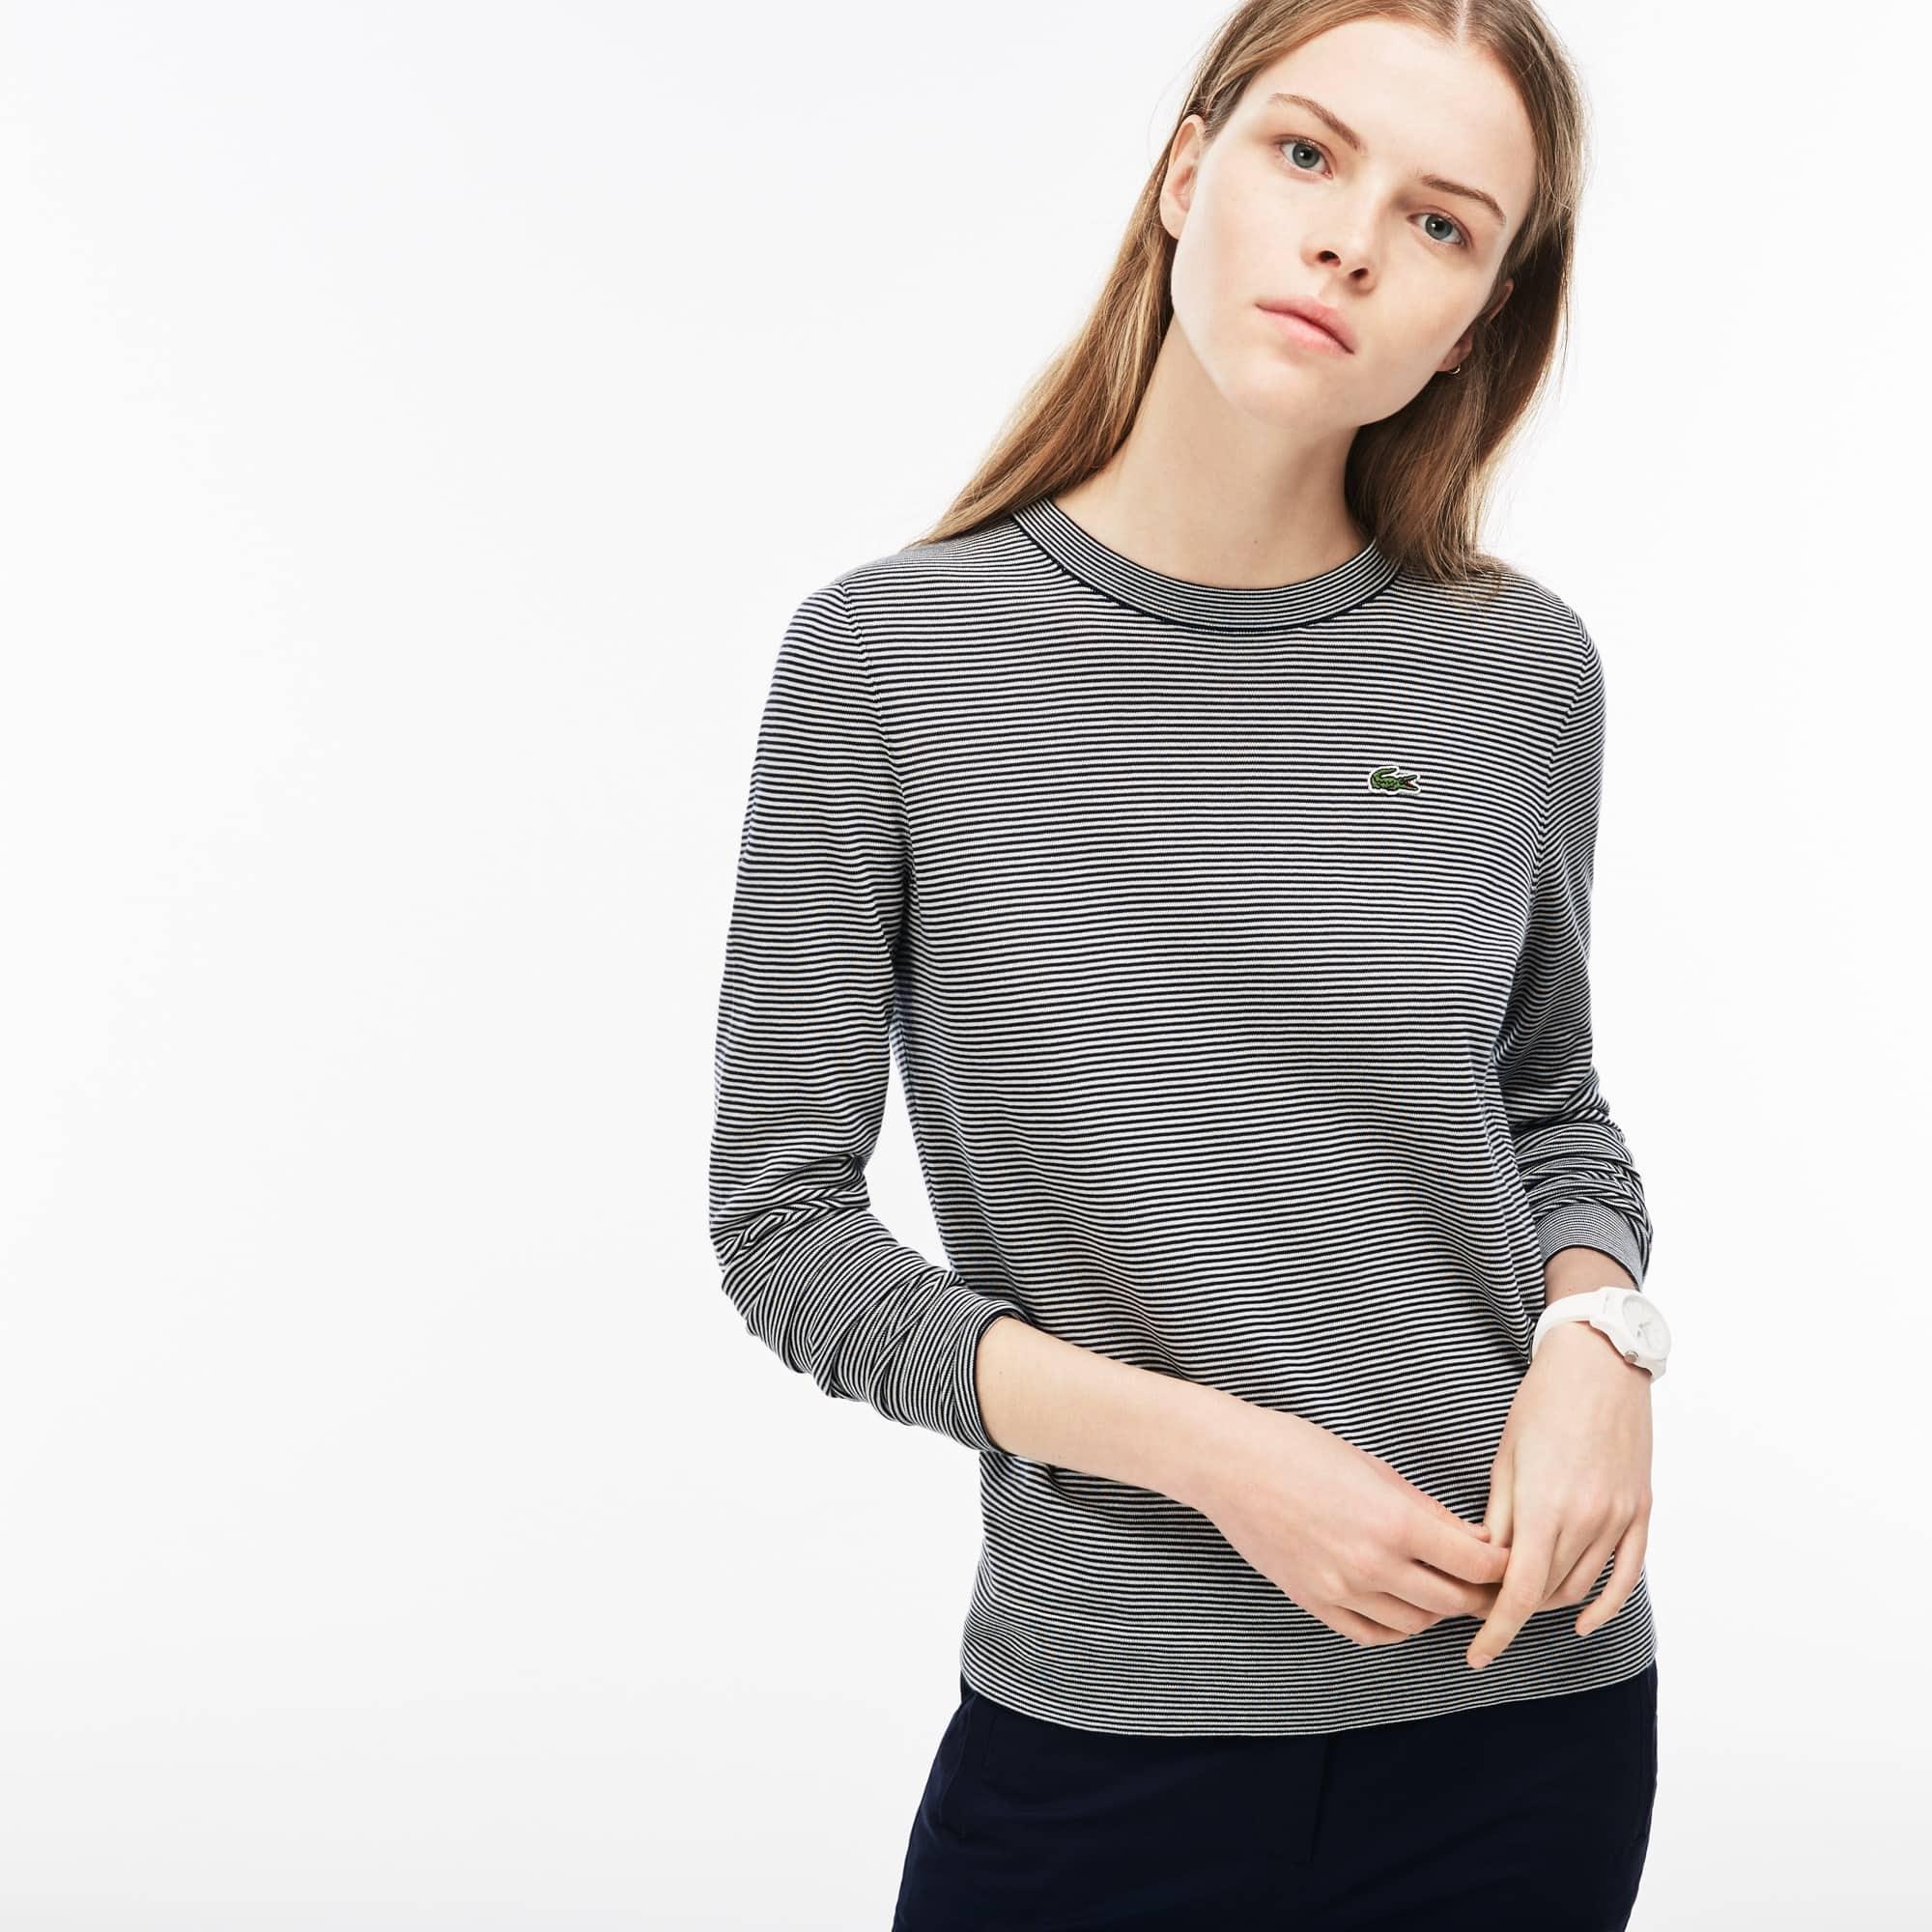 Pullover a girocollo in jersey di cotone millerighe